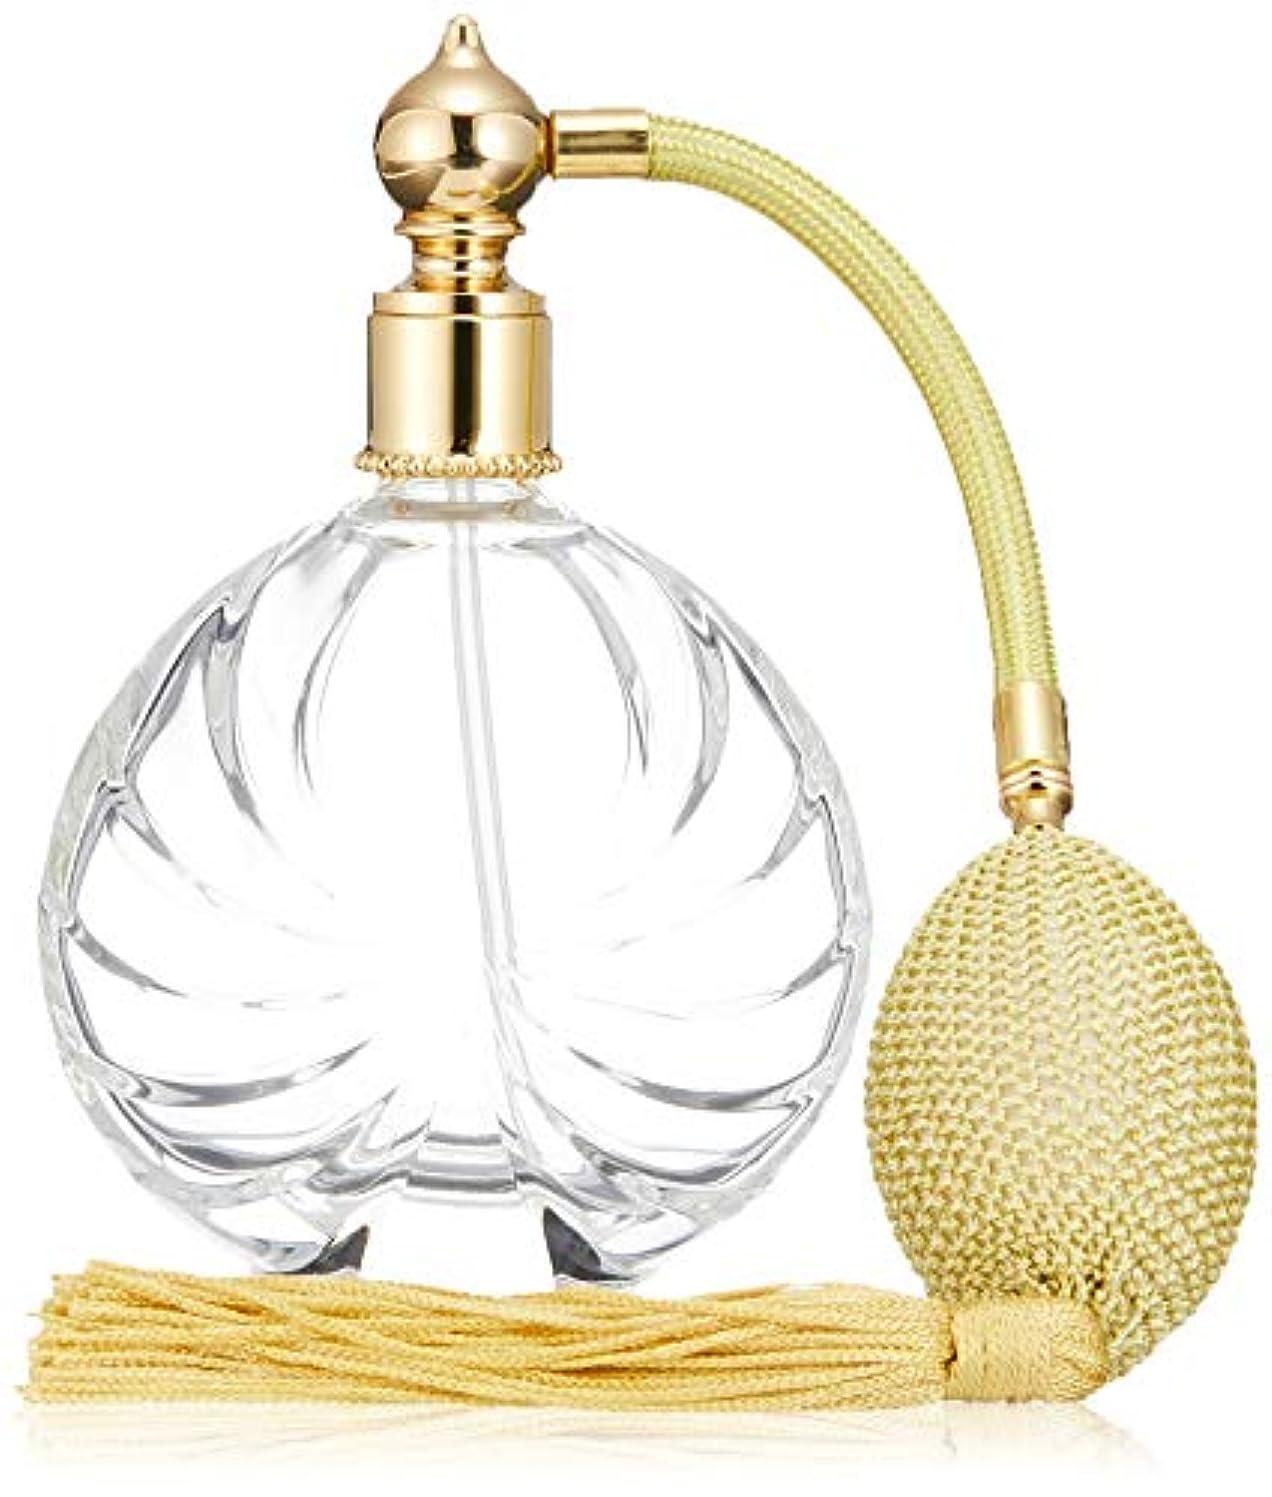 計り知れない謎めいた必要ヒロセアトマイザー フランス製香水瓶50ML Upper East Side 399872CG (50MLタクジョウ) CLGD